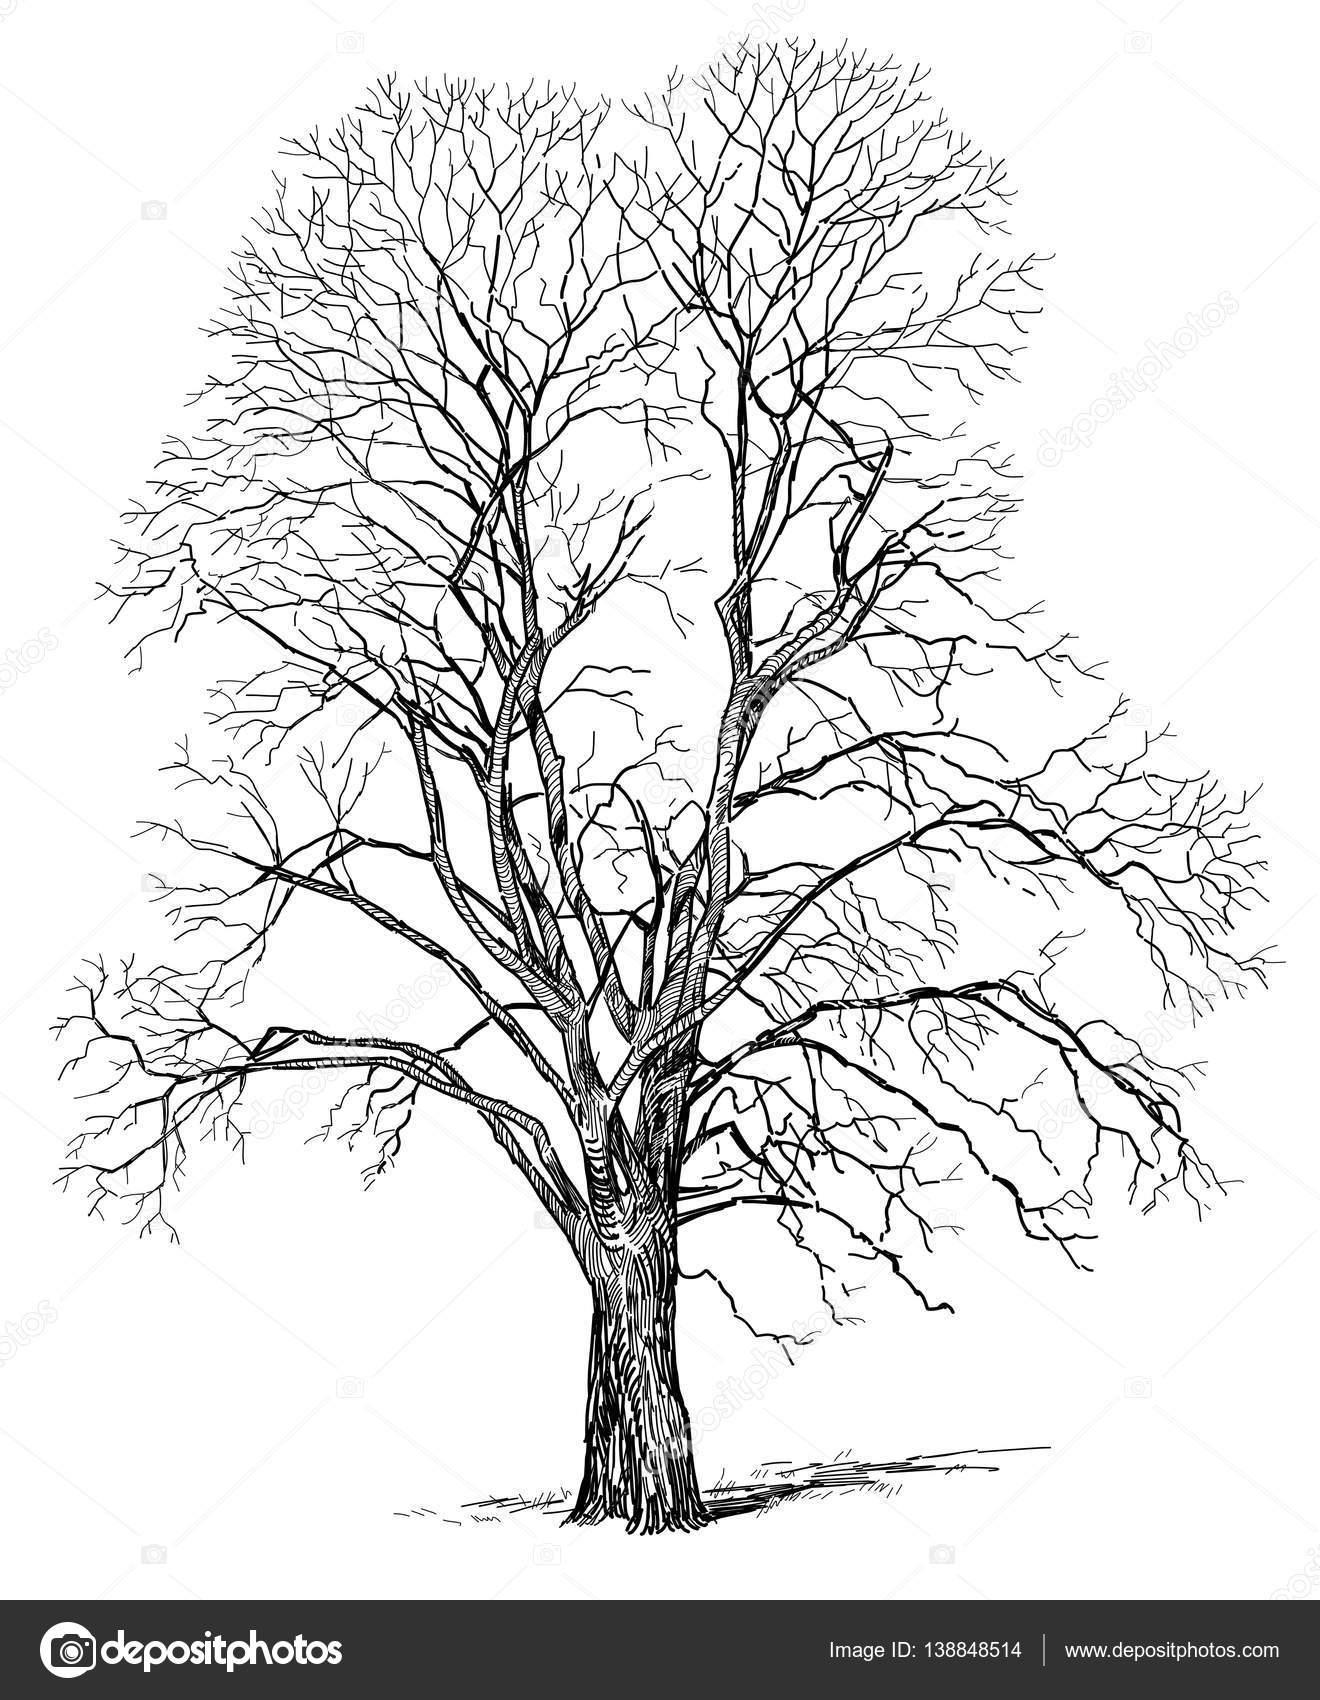 Dibujos Arbol En Invierno Dibujo Dibujo De Un árbol En Invierno